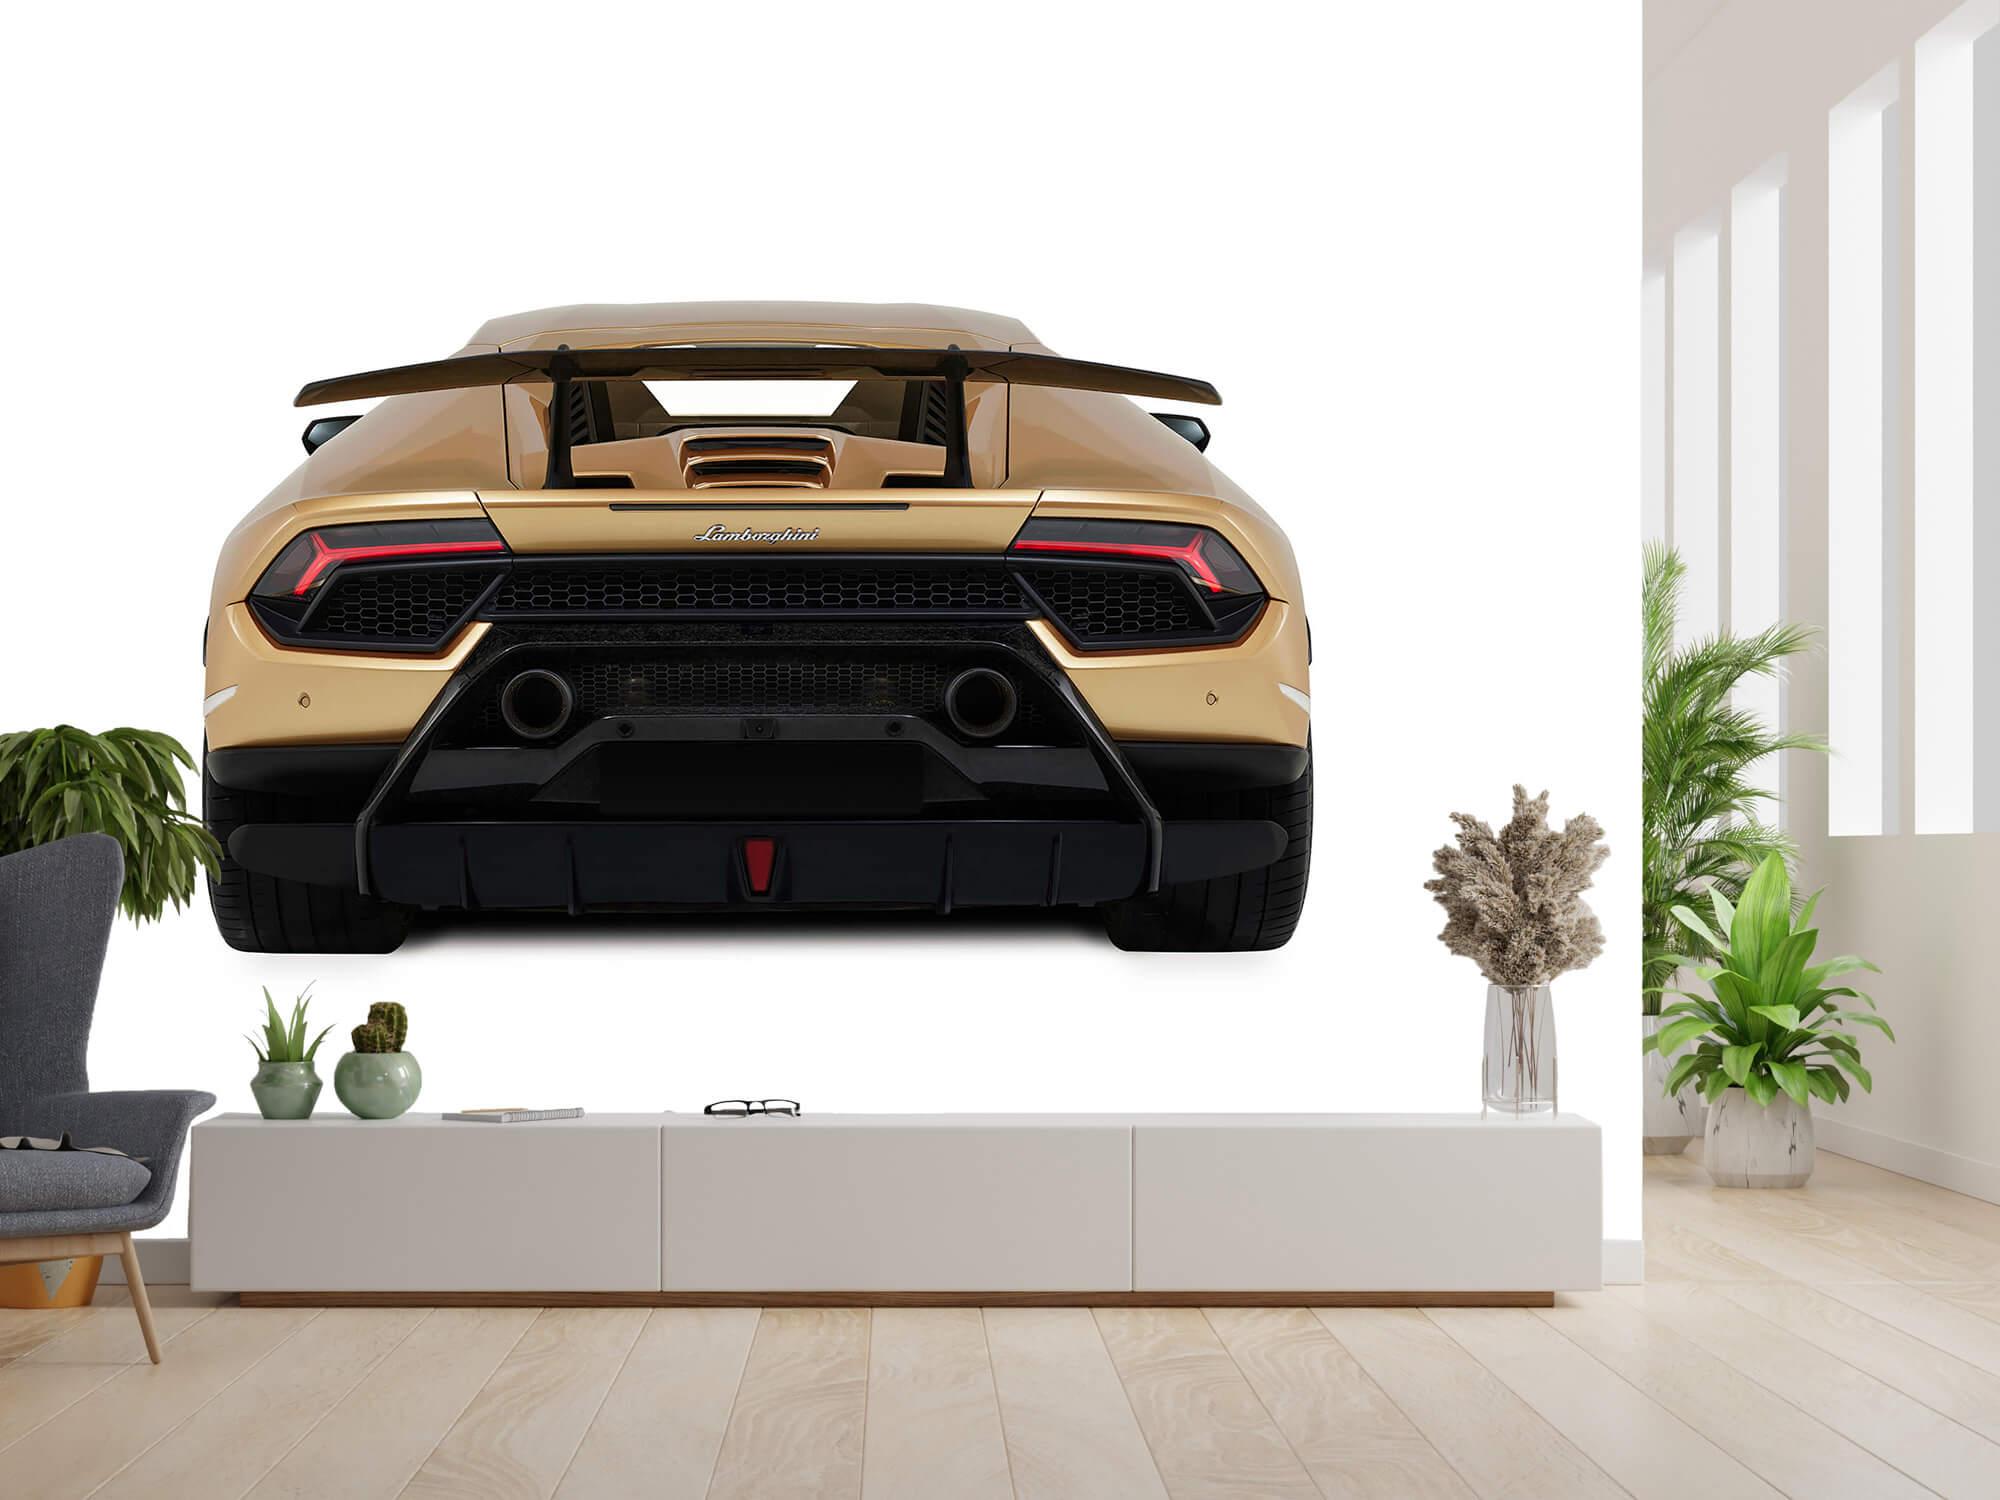 Wallpaper Lamborghini Huracán - Rear view, white 14